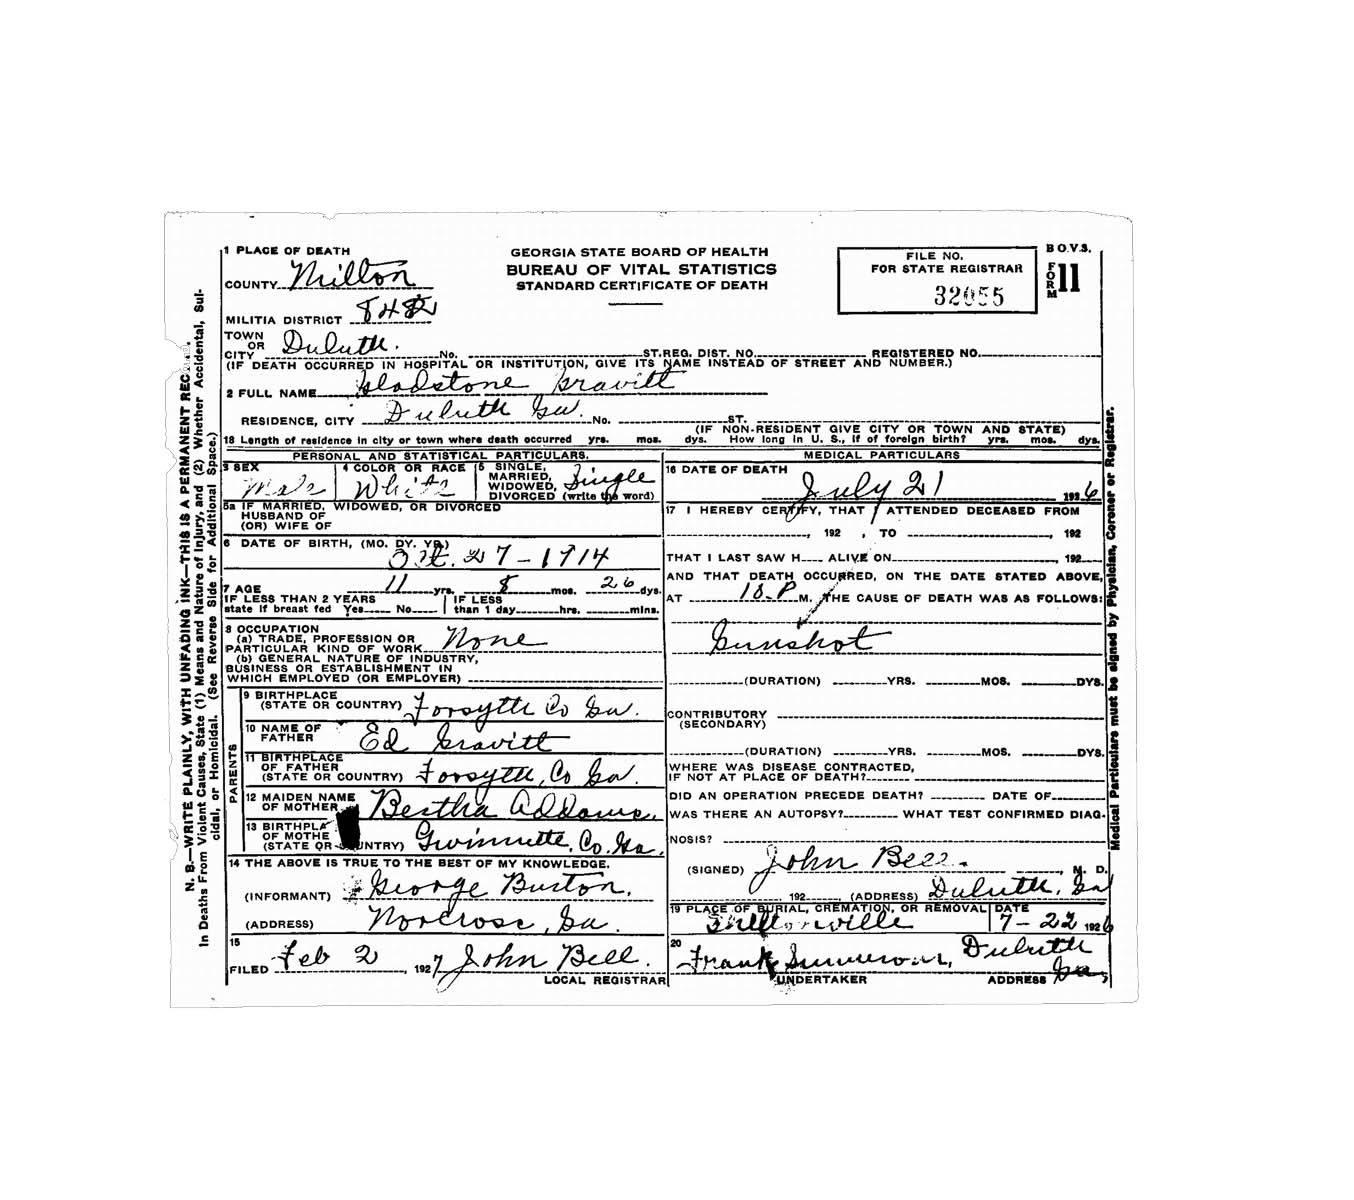 Wednesdays Child Gladstone Gravitt Cause Of Death Gunshot